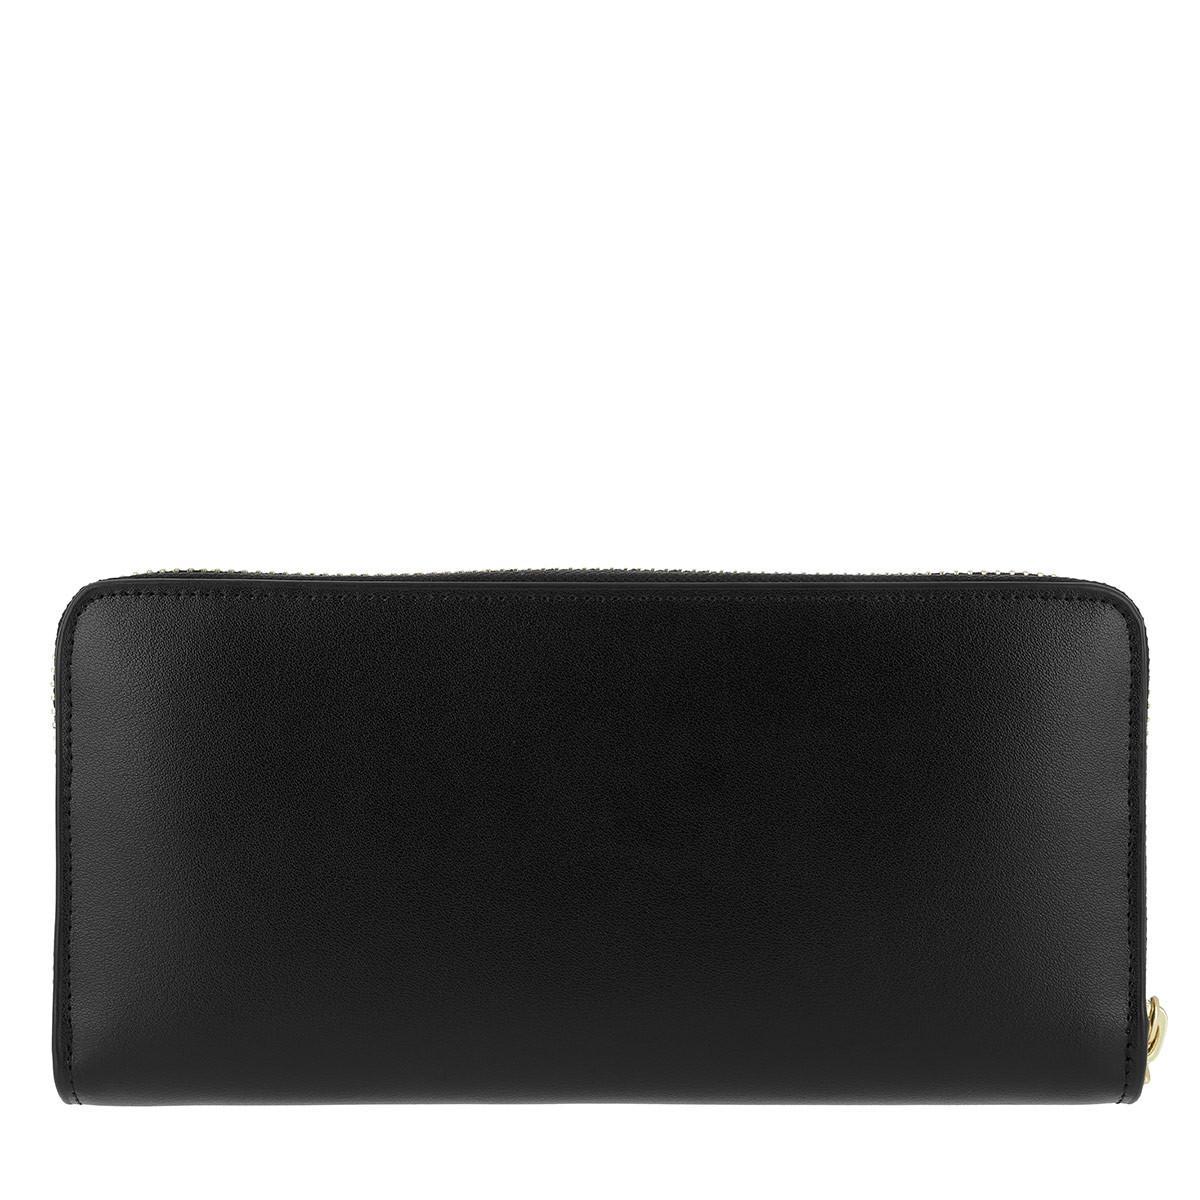 9f174a741 Ted Baker Emblyn Bow Sunken Zip Wallet Black in Black - Lyst